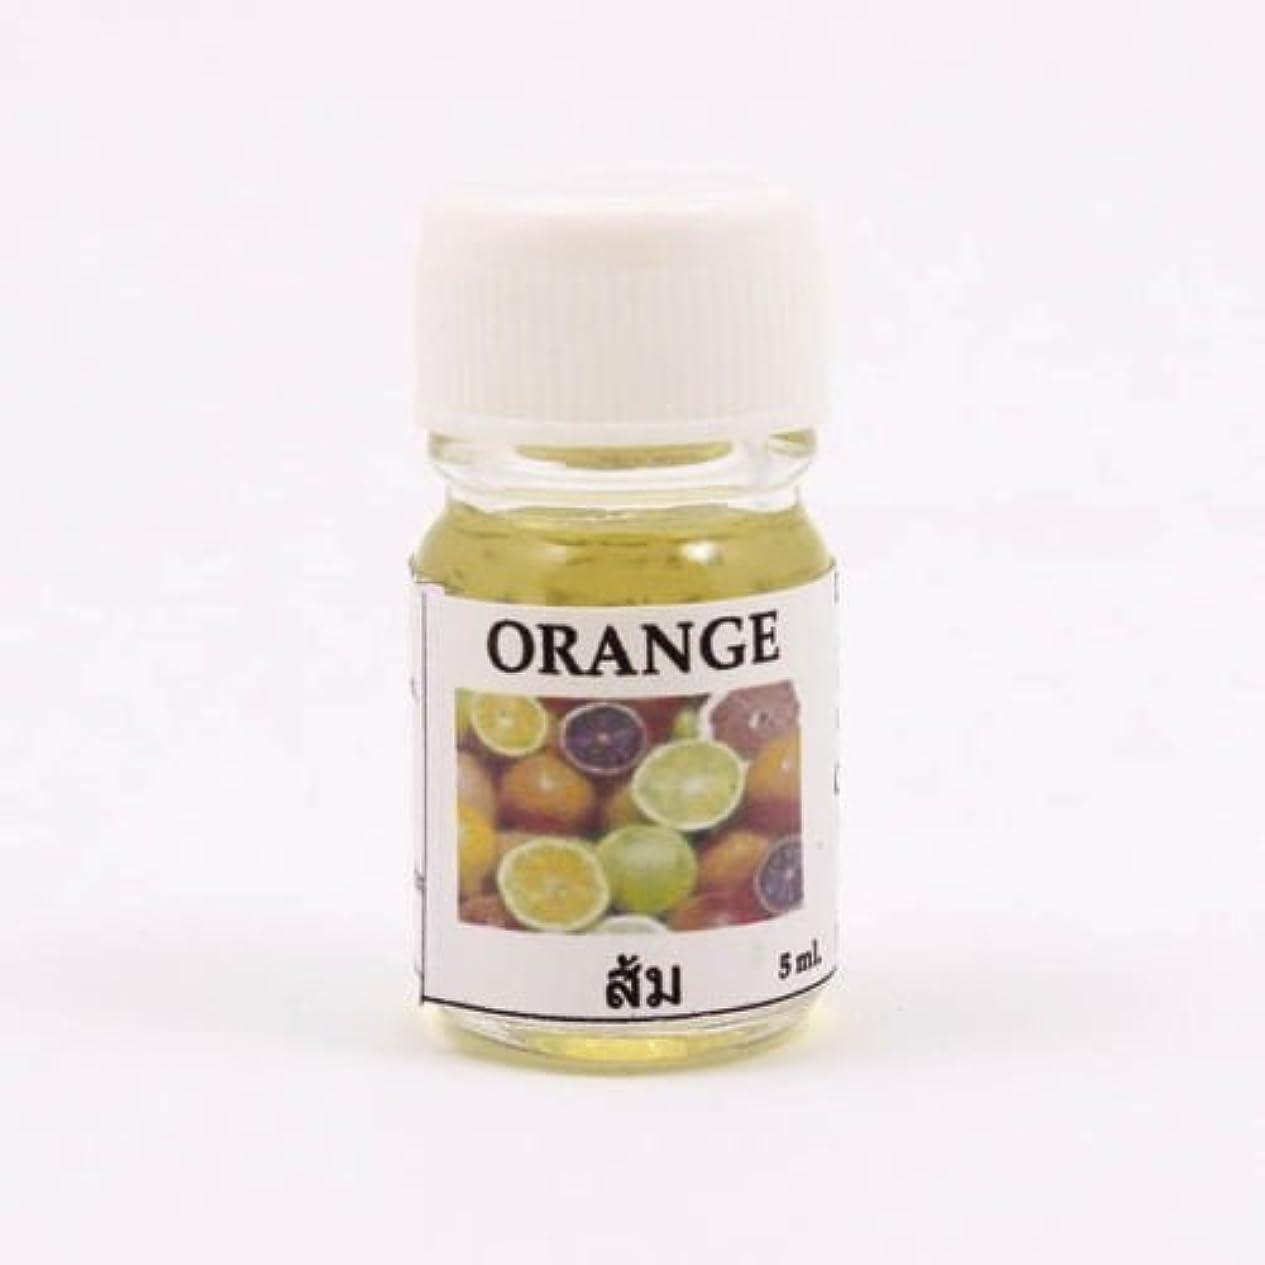 三番波紋ポルトガル語6X Orange Aroma Fragrance Essential Oil 5ML. (cc) Diffuser Burner Therapy